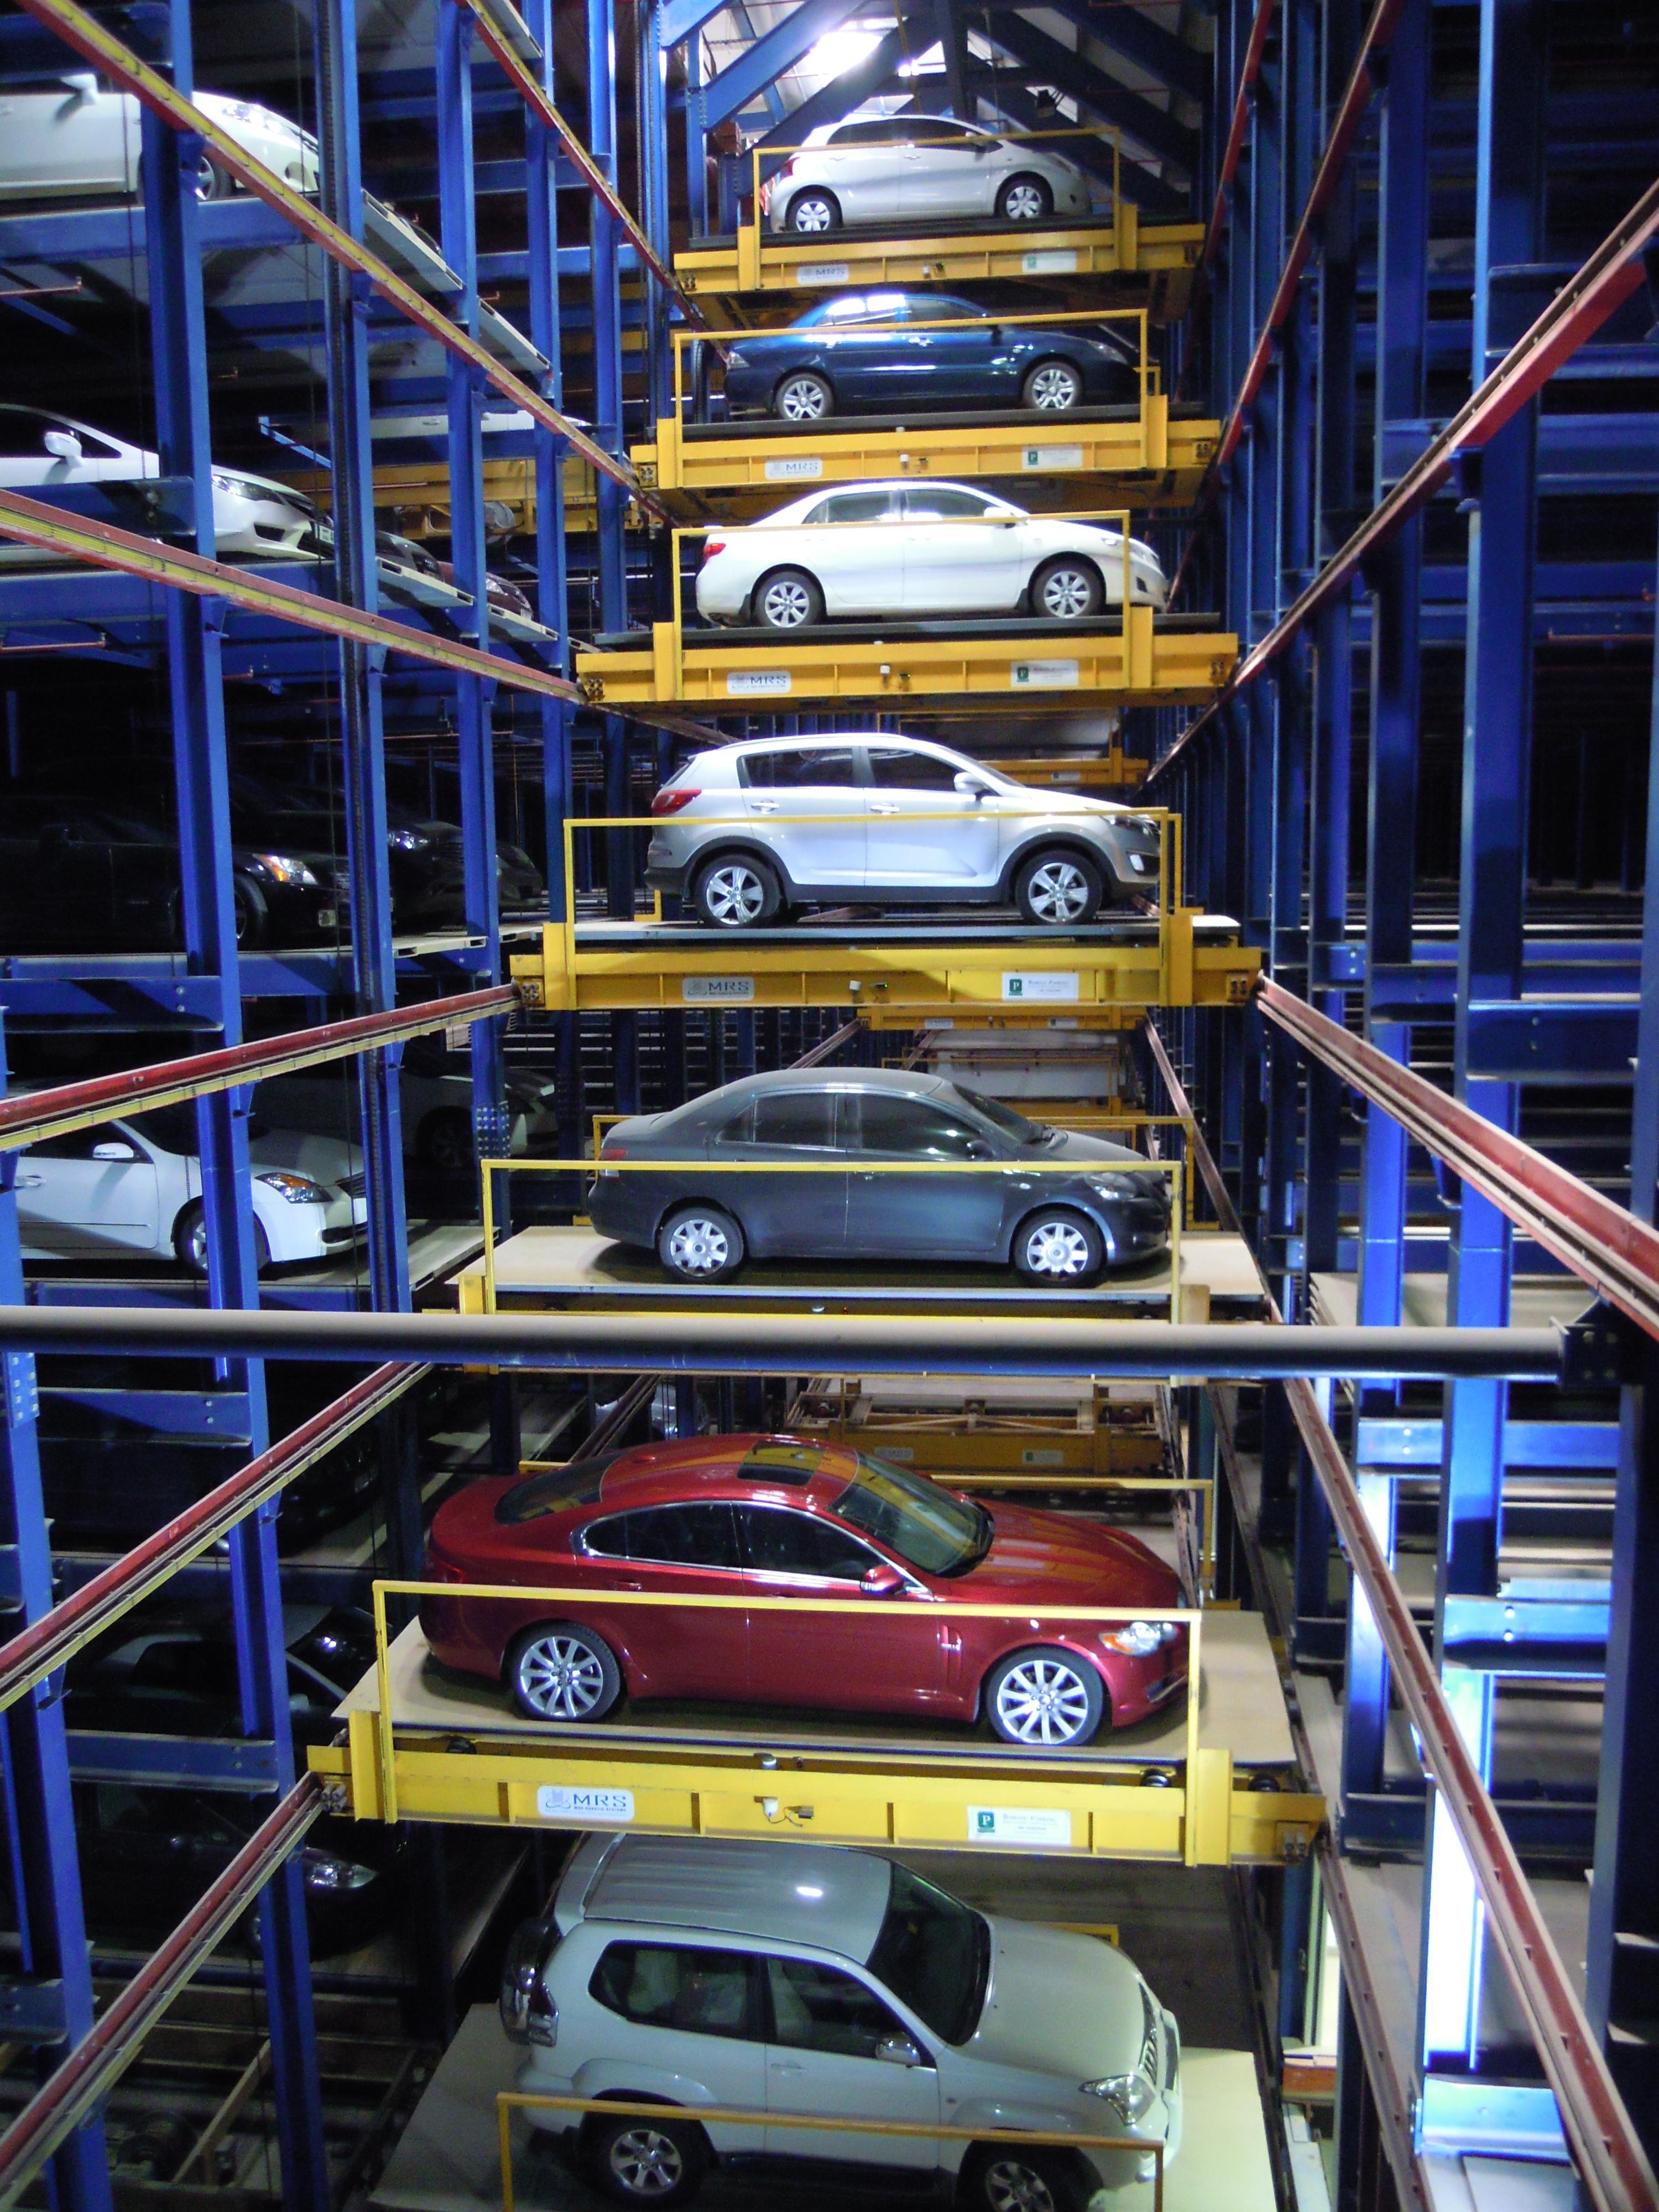 Car Park Systems Of New York Inc